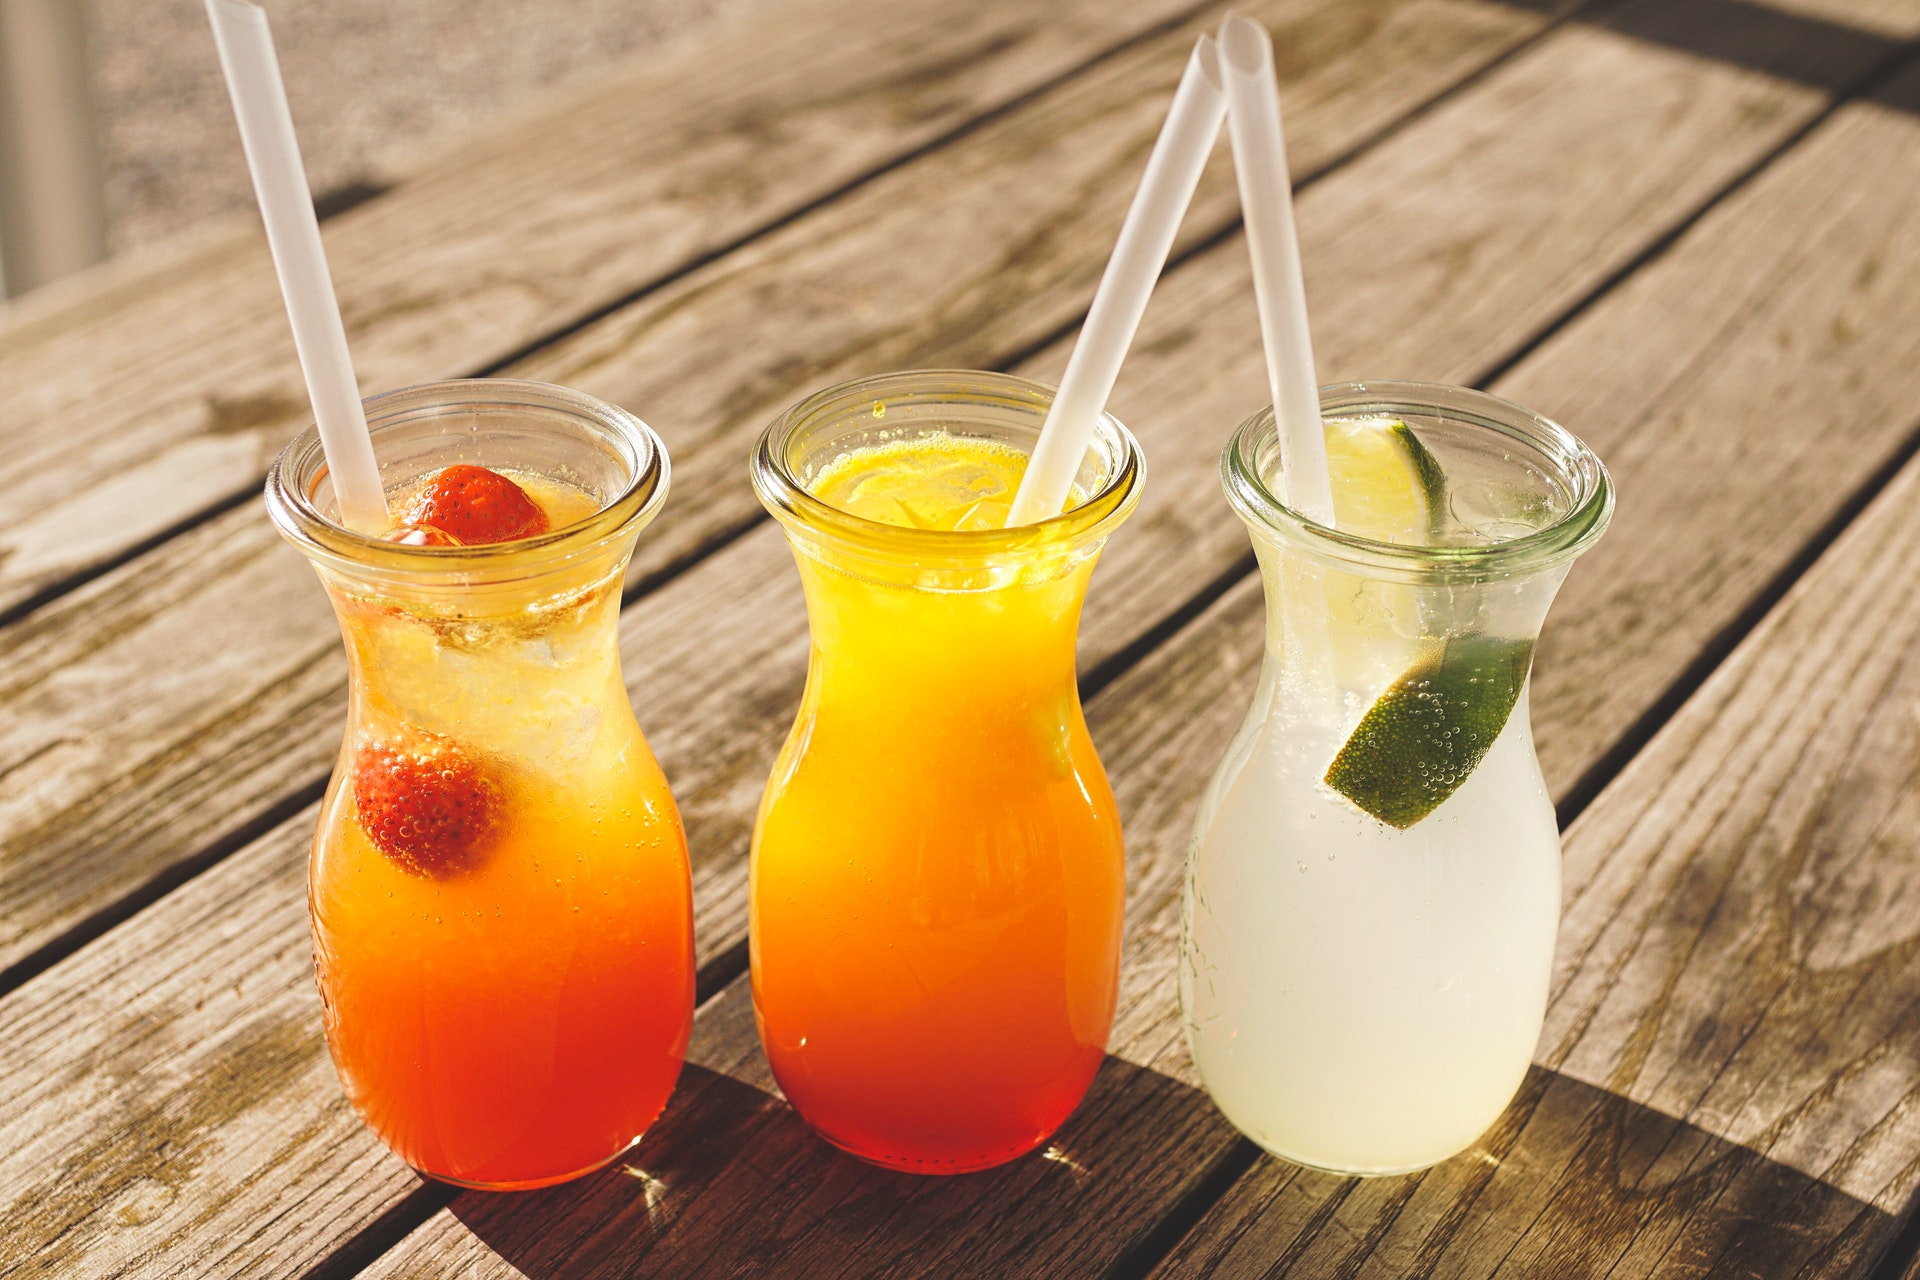 Онколог Смирнова предупредила, что сладкие напитки повышают риск рака кишечника вдвое